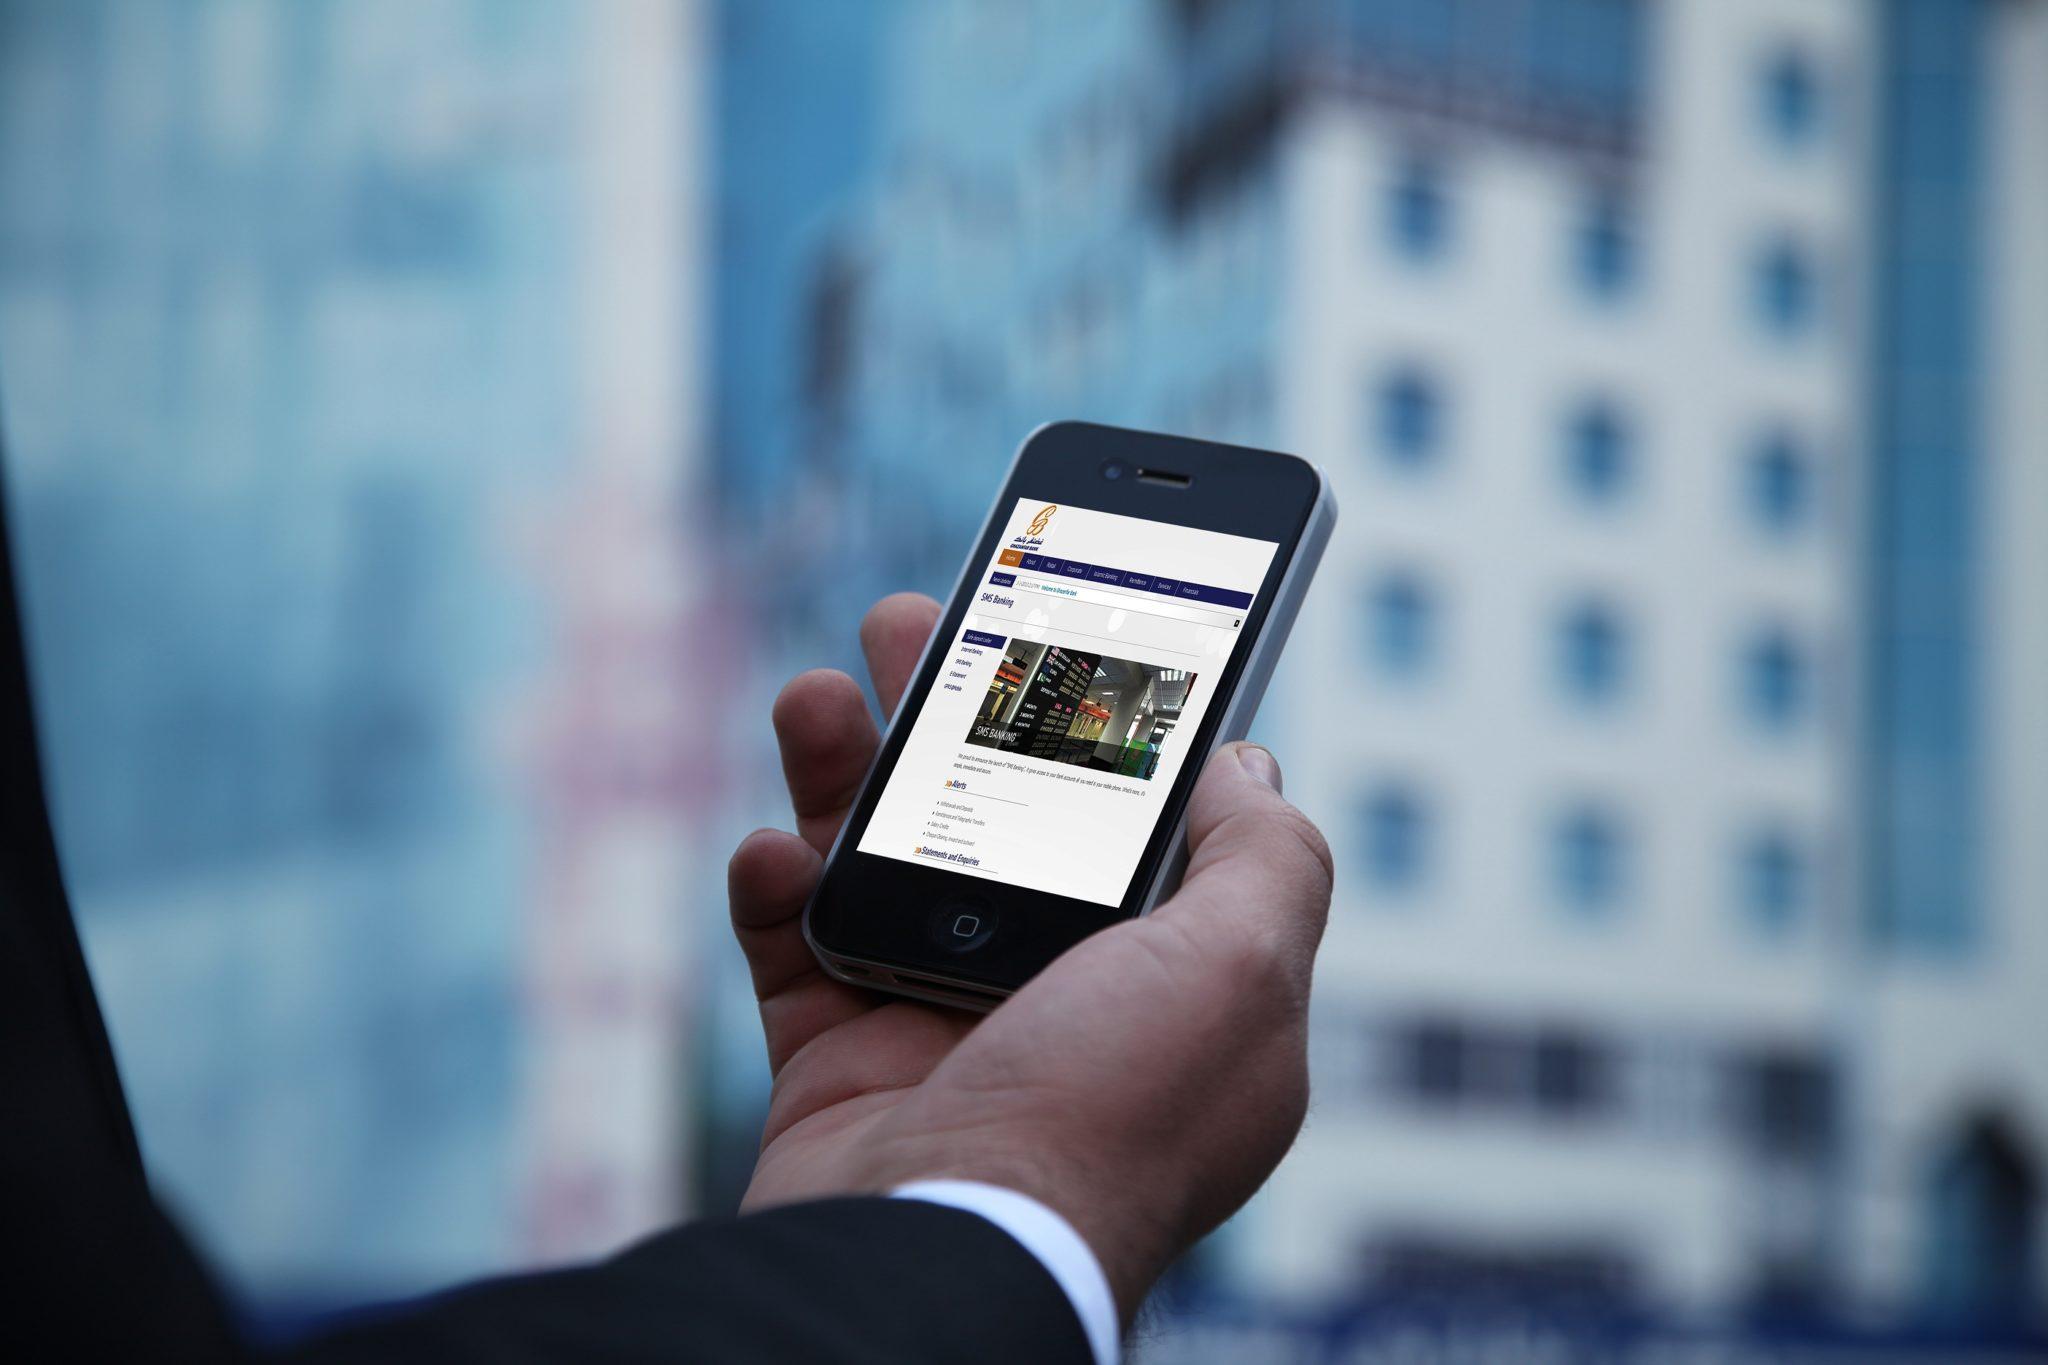 СМС-банкинг на мобильном телефоне5c5b2ab3b9d14